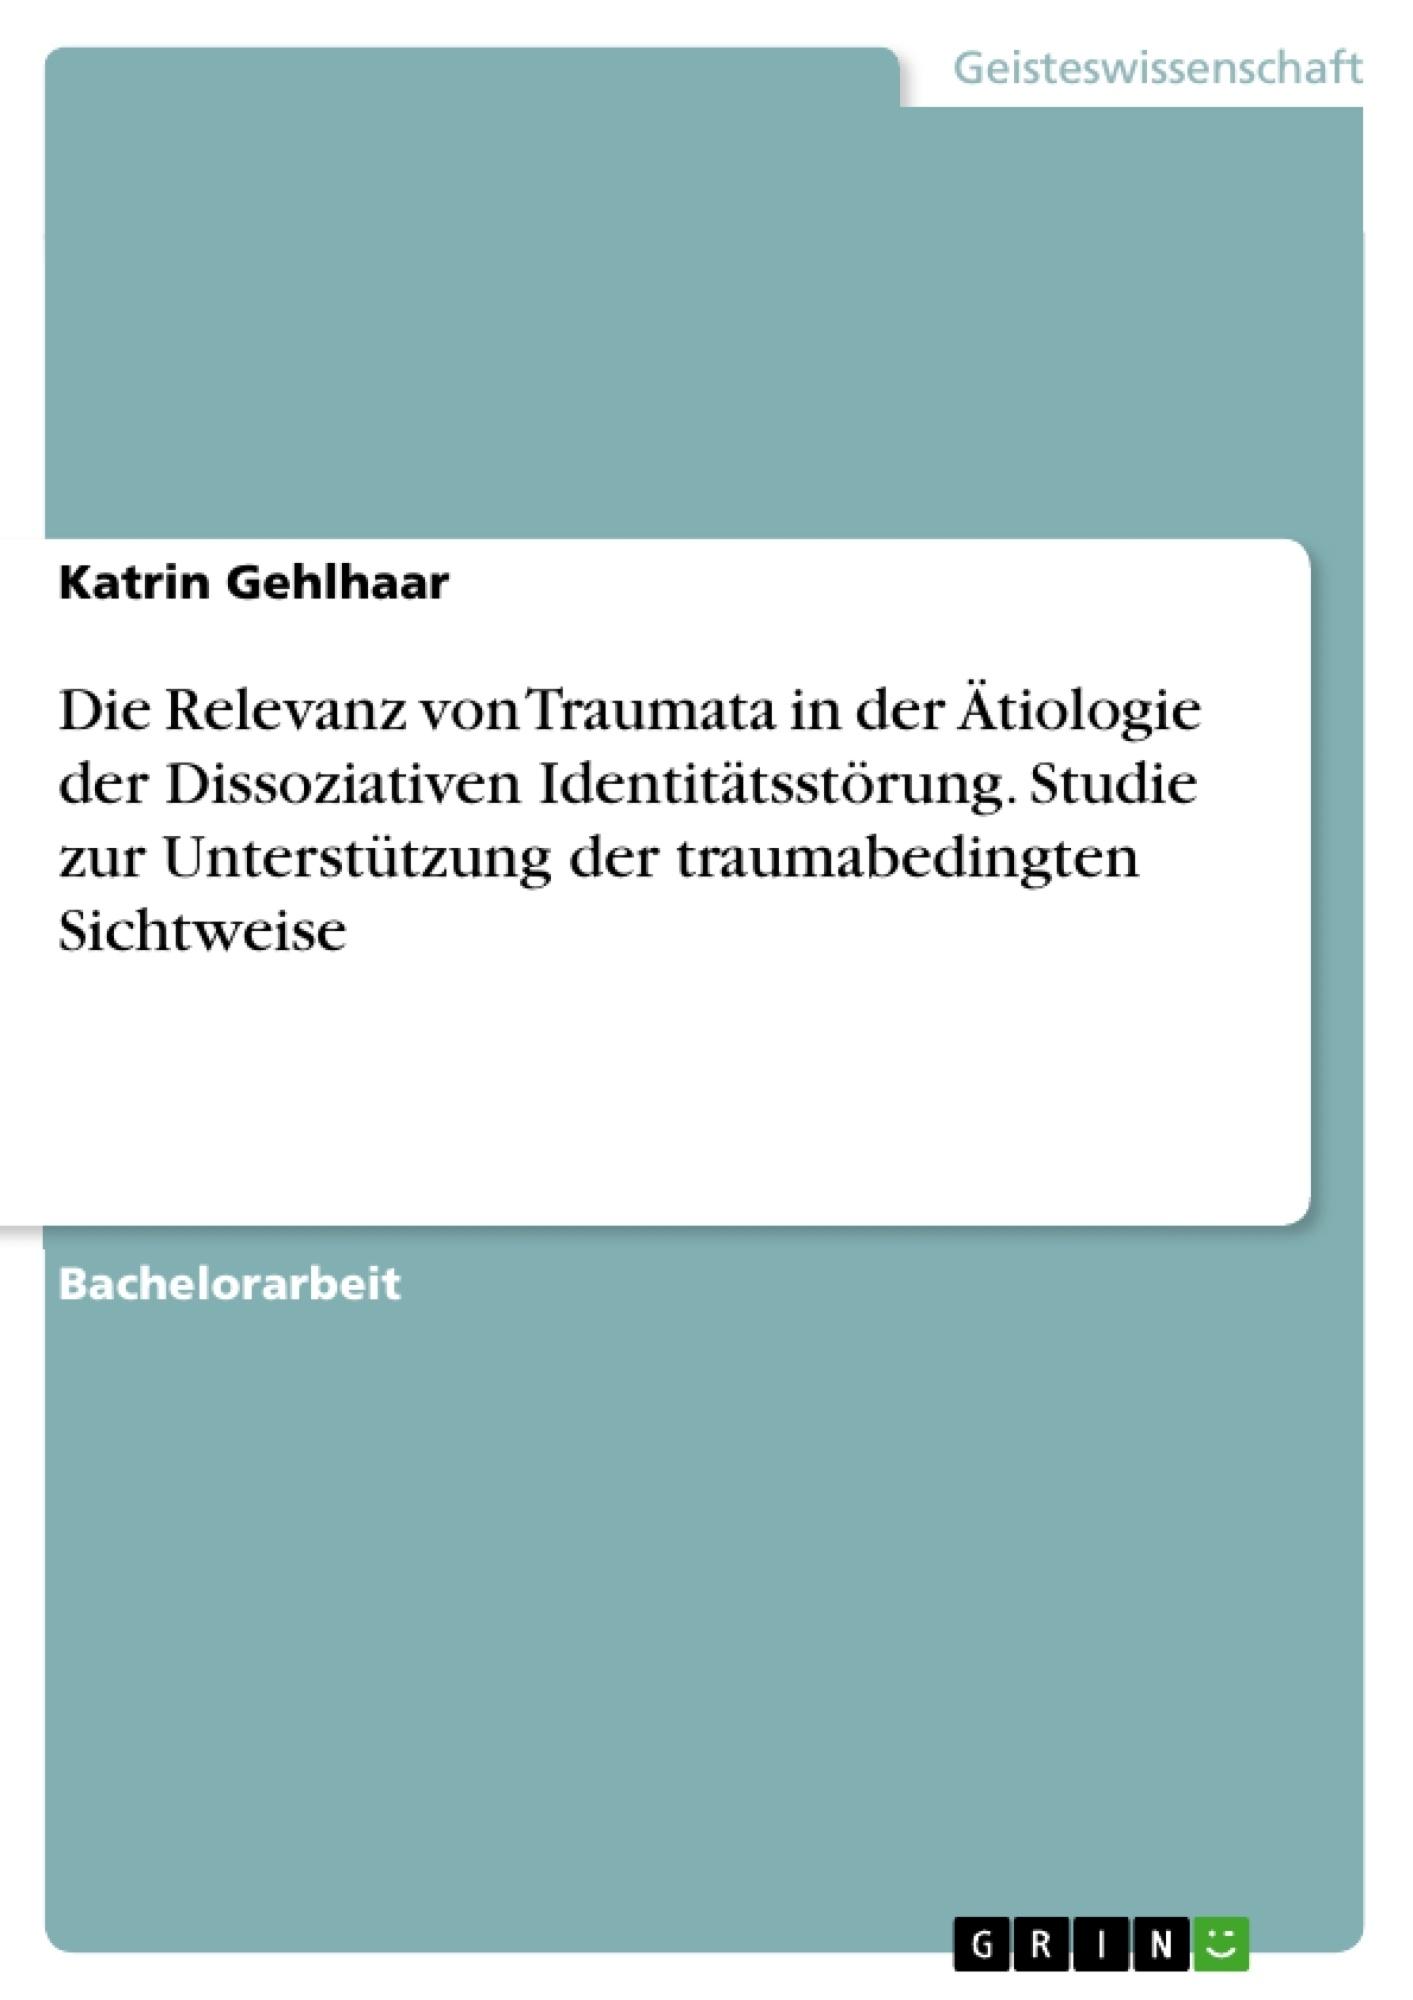 Titel: Die Relevanz von Traumata in der Ätiologie der Dissoziativen Identitätsstörung. Studie zur Unterstützung der traumabedingten Sichtweise